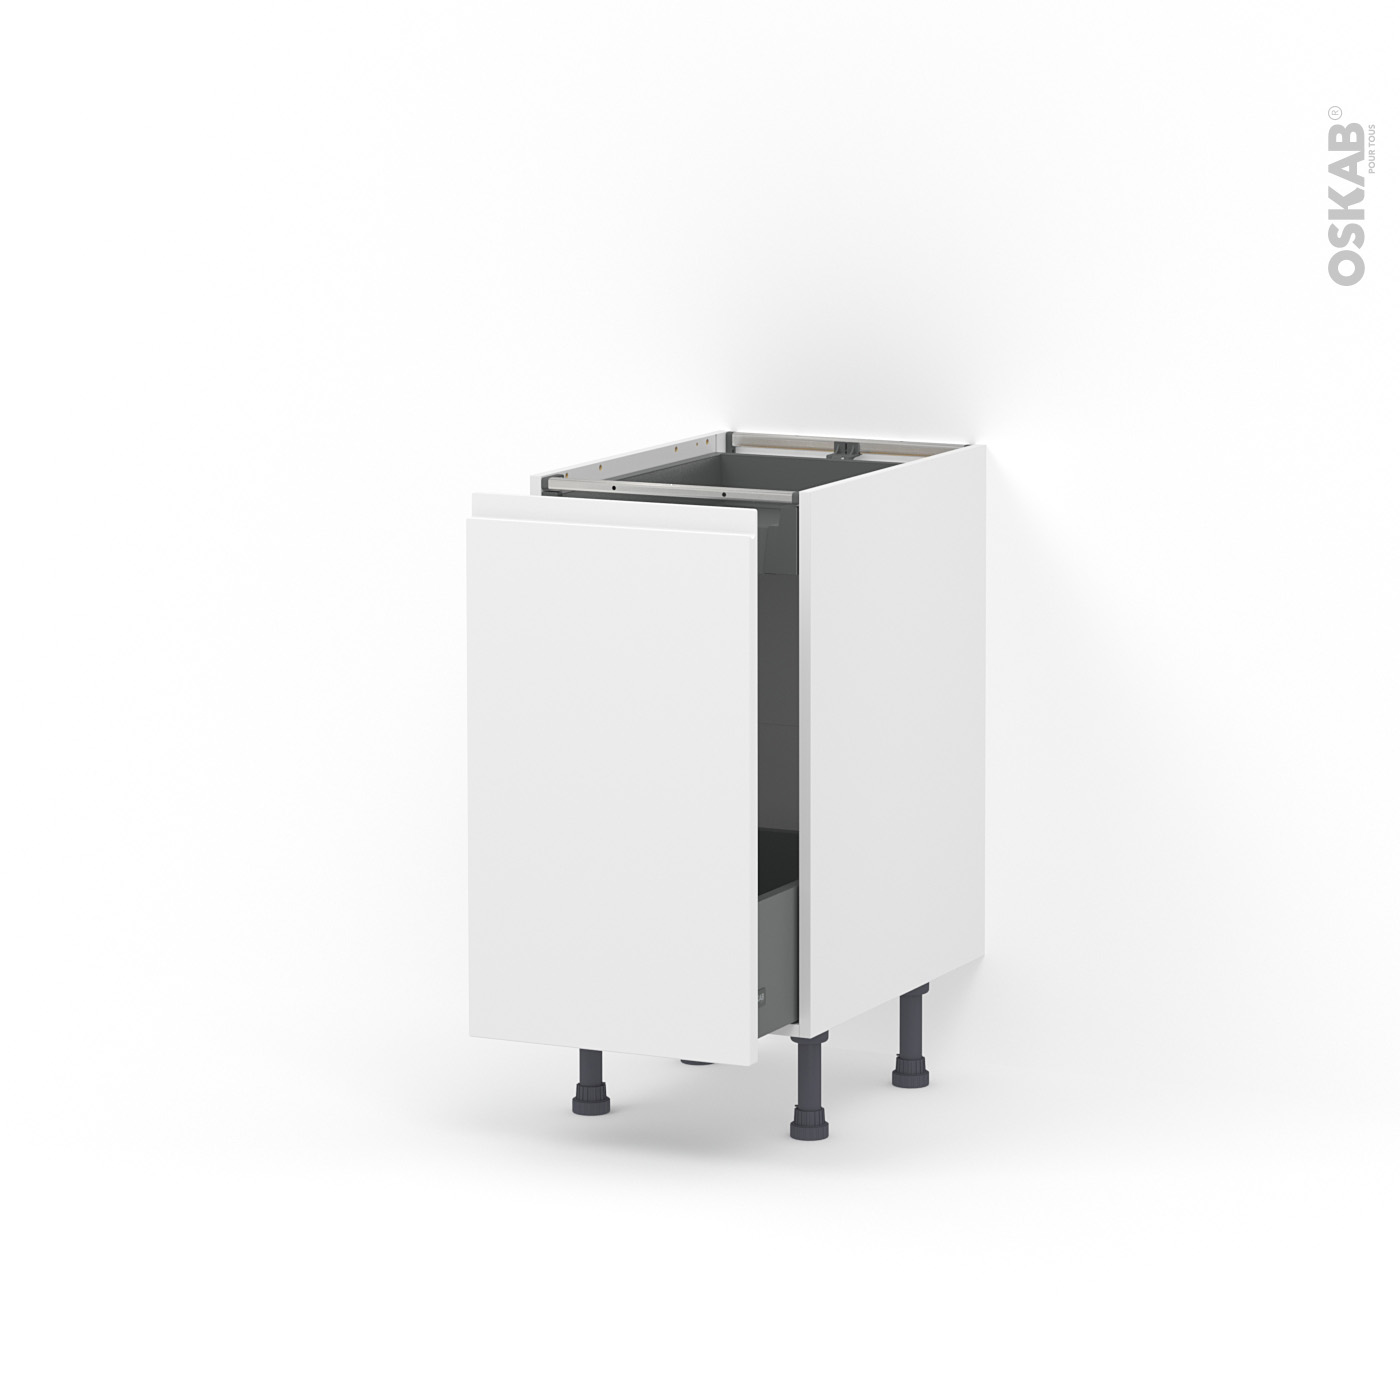 Nettoyer Meuble Cuisine Mat meuble de cuisine bas coulissant ipoma blanc mat, 1 porte 1 tiroir à  l'anglaise, l40 x h70 x p58 cm